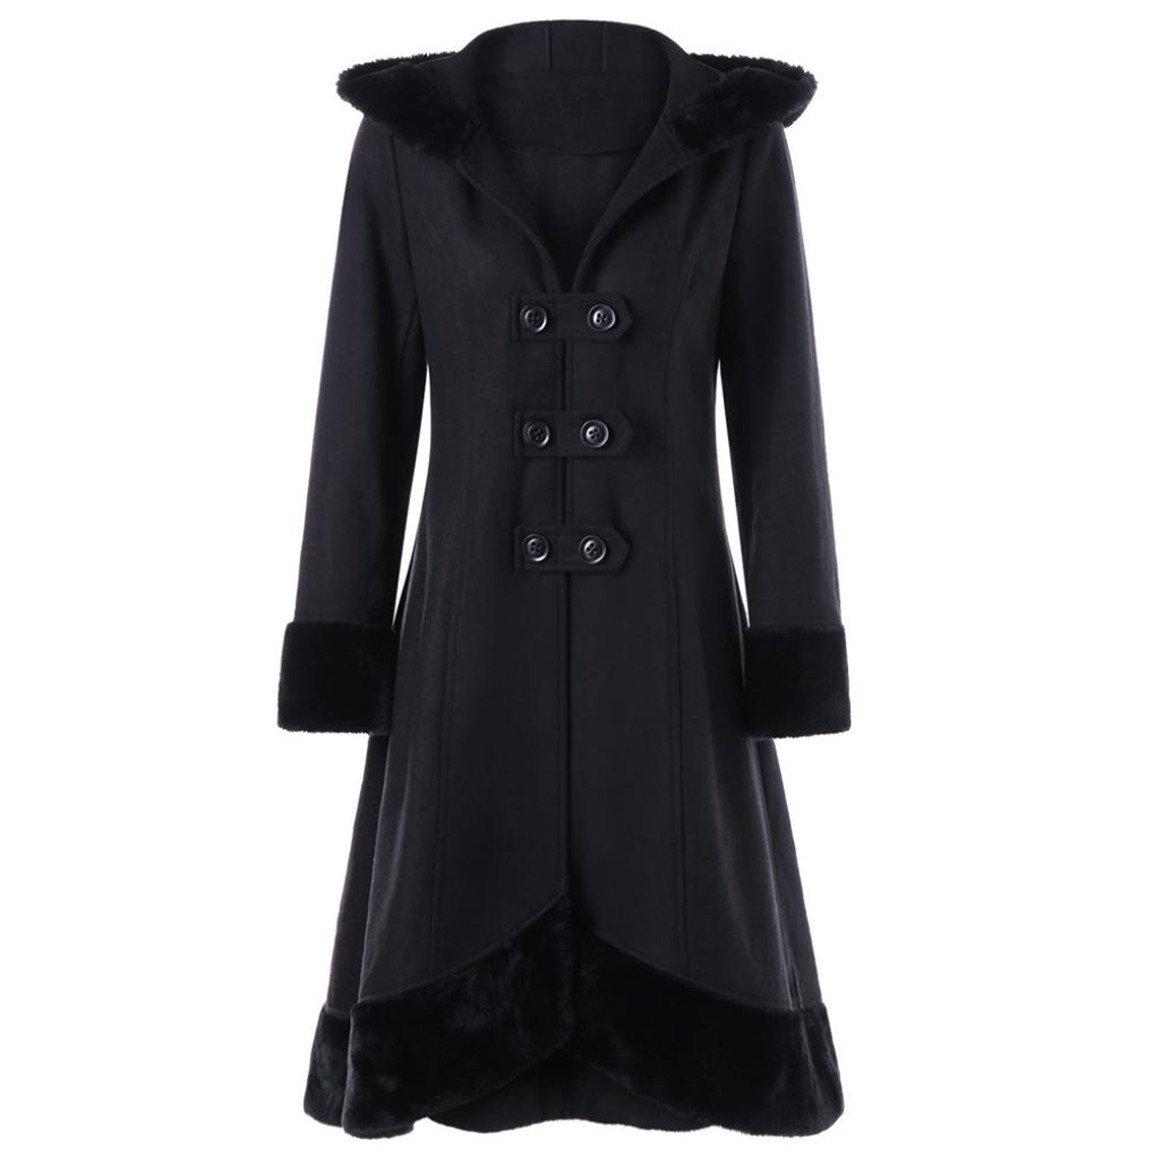 Frauen langer Mantel, Moonuy Mode Elegante Schlanke Damen